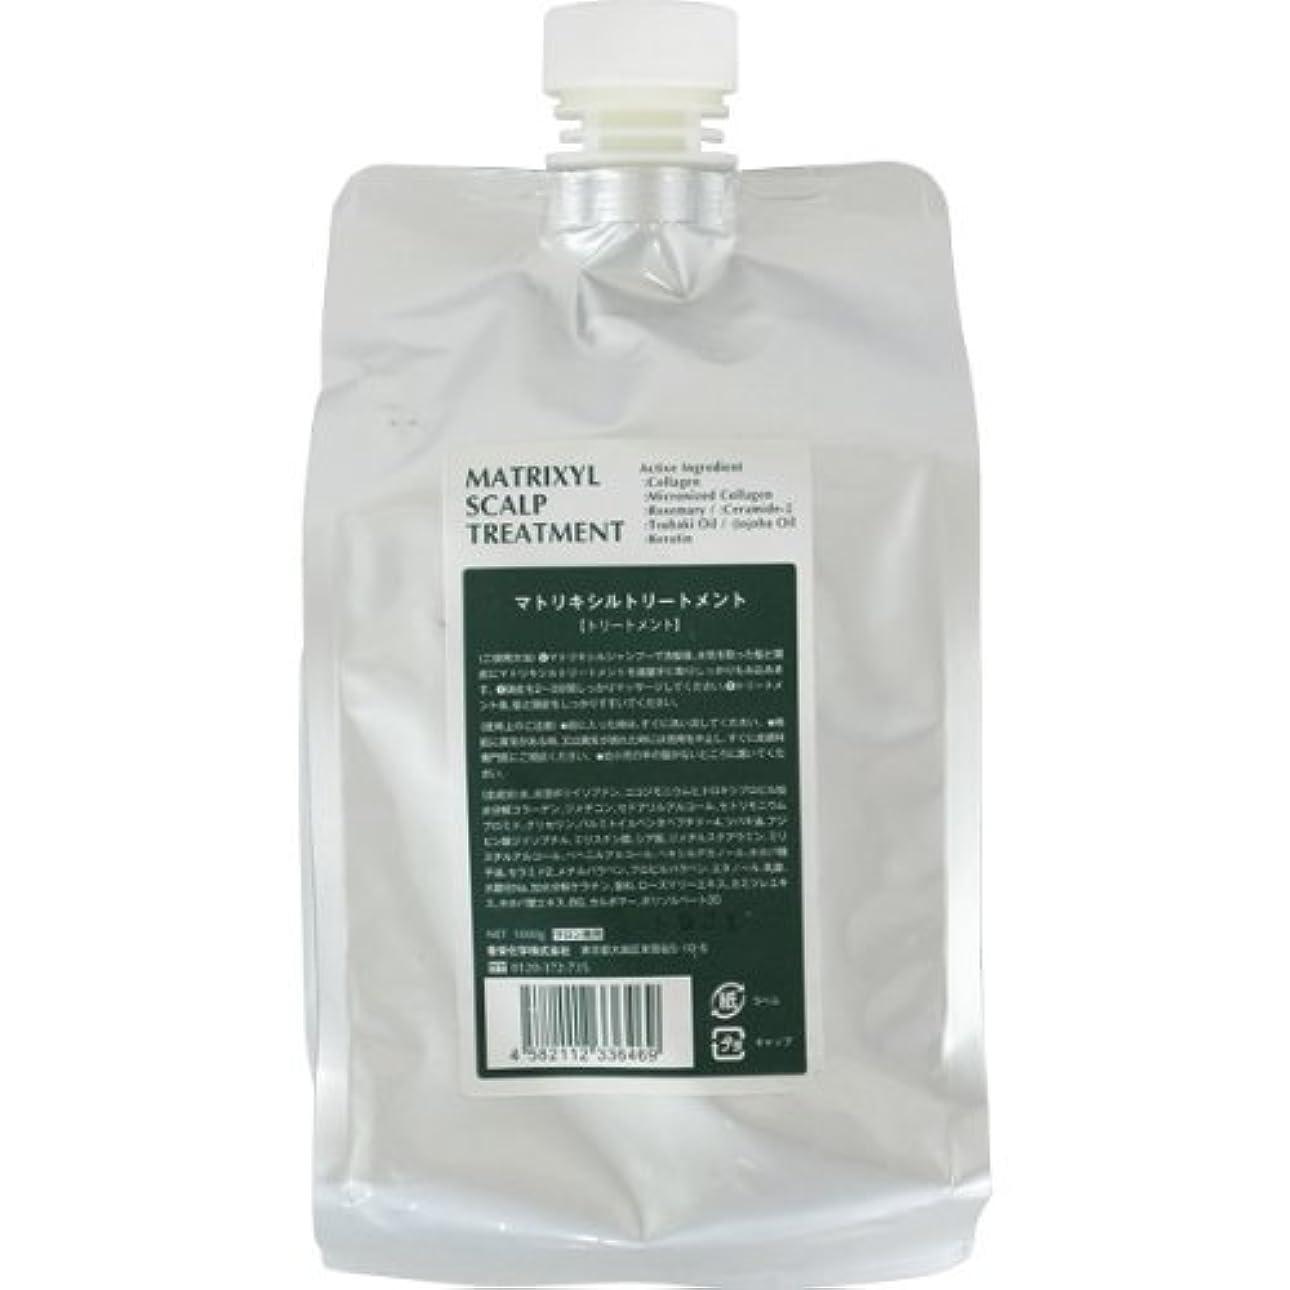 ジャングルモス啓発する香栄化学 マトリキシル スキャルプトリートメント レフィル 1000g